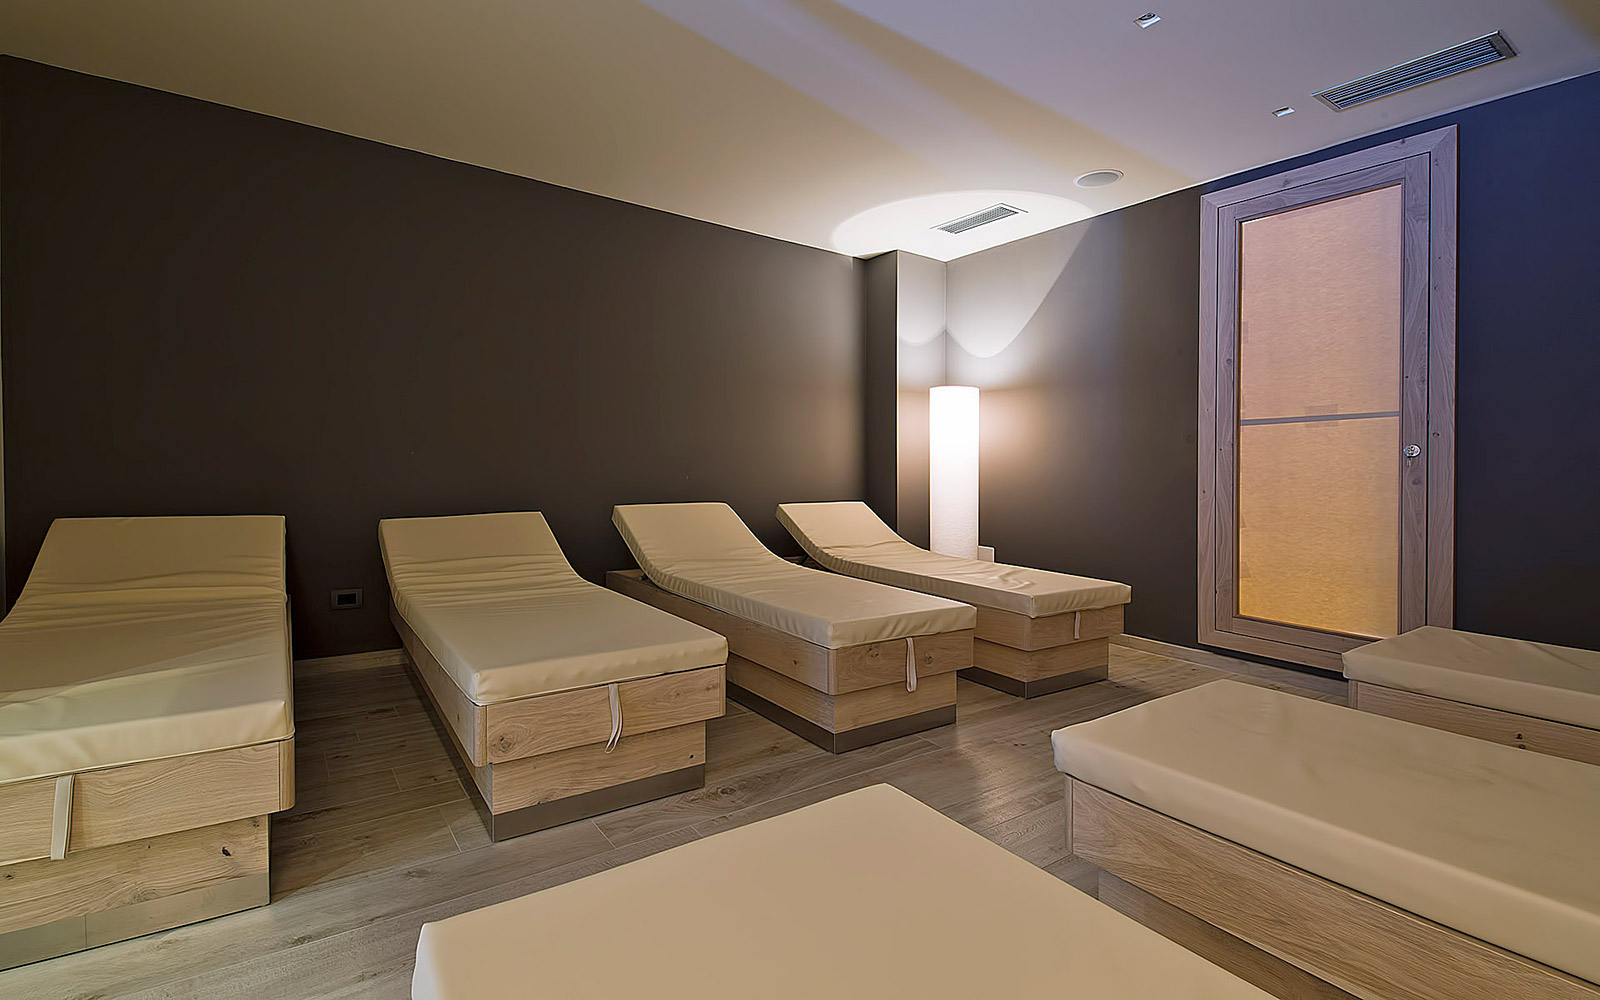 ZONA RELAX<br>CIARNADOI DESIGN & SUITE HOTEL - VIGO DI FASSA